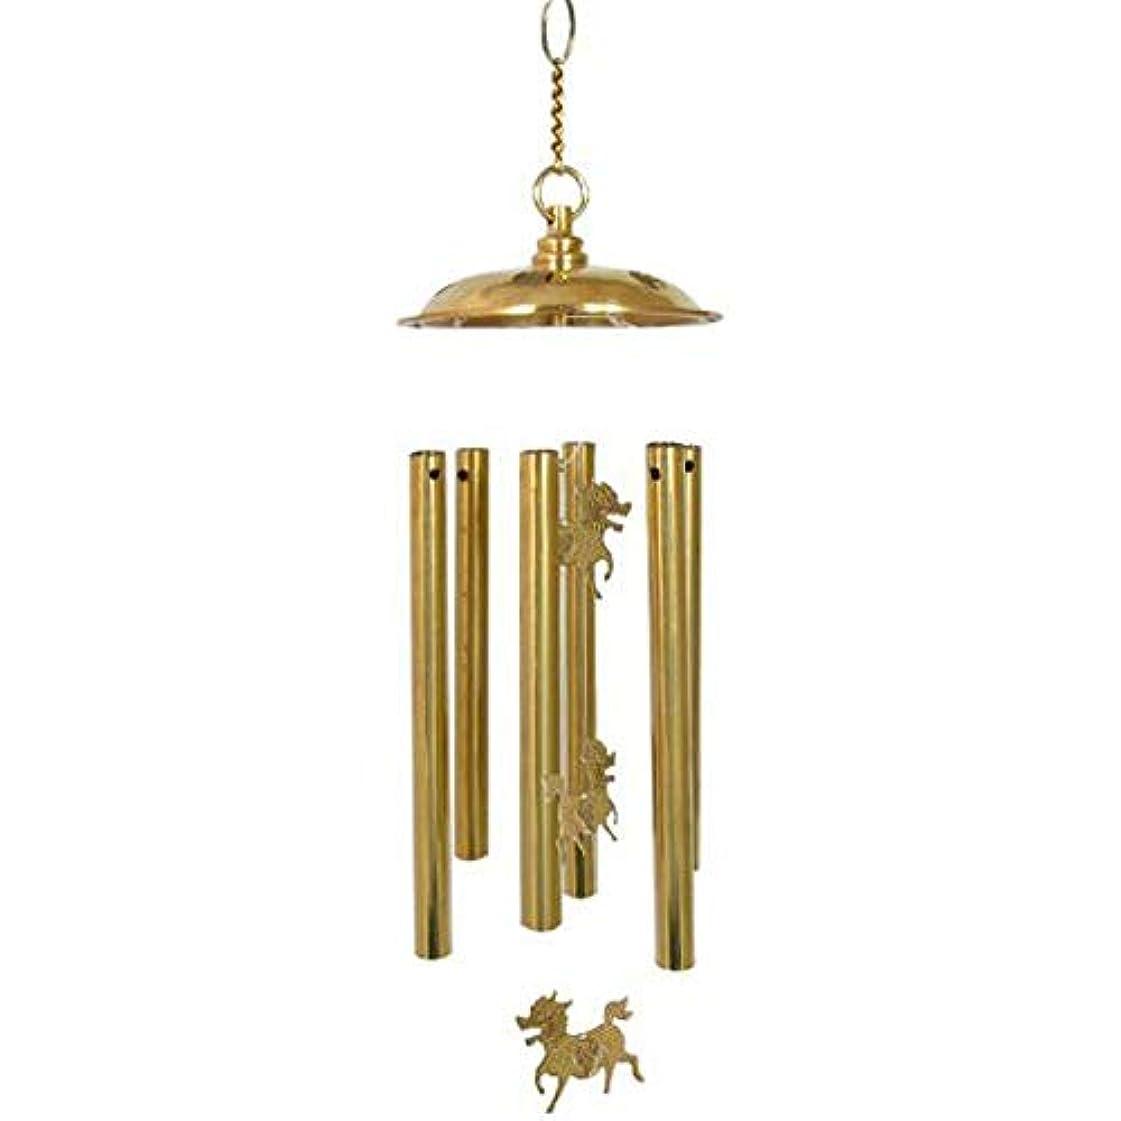 受信機パーク層Yougou01 風チャイム、ホーム銅風チャイム、ゴールド、全身について48センチメートル 、創造的な装飾